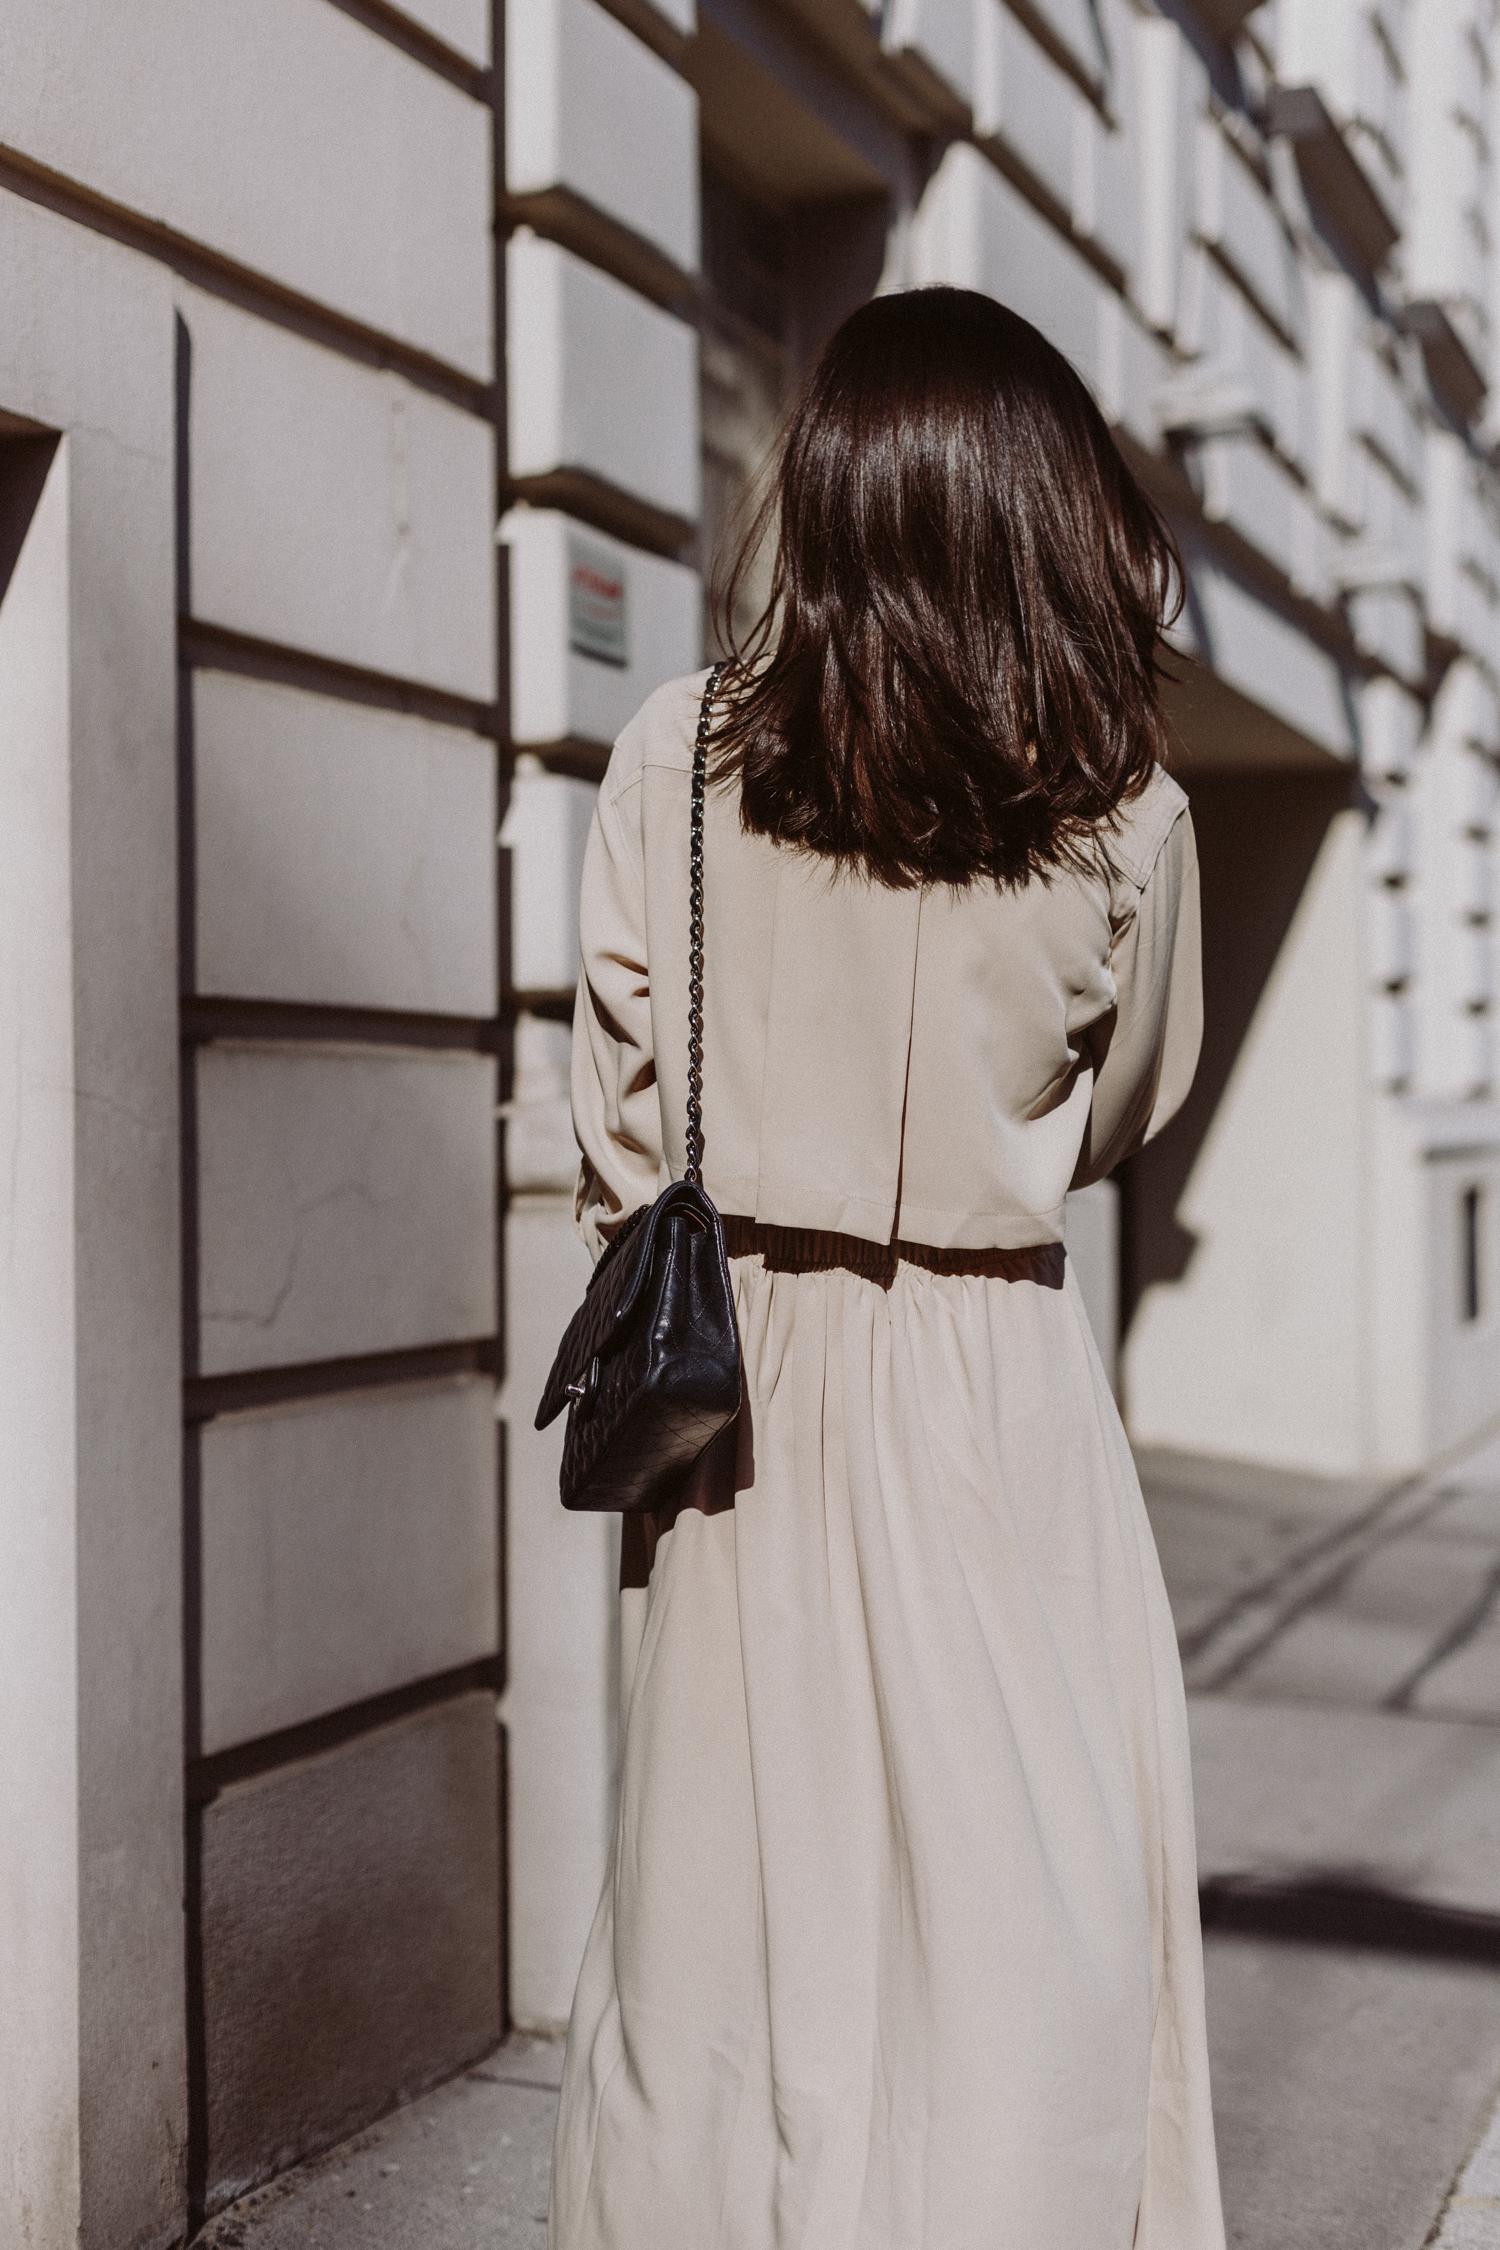 EDITED Frühlingskleider Trends 2019 - Love Daily Dose